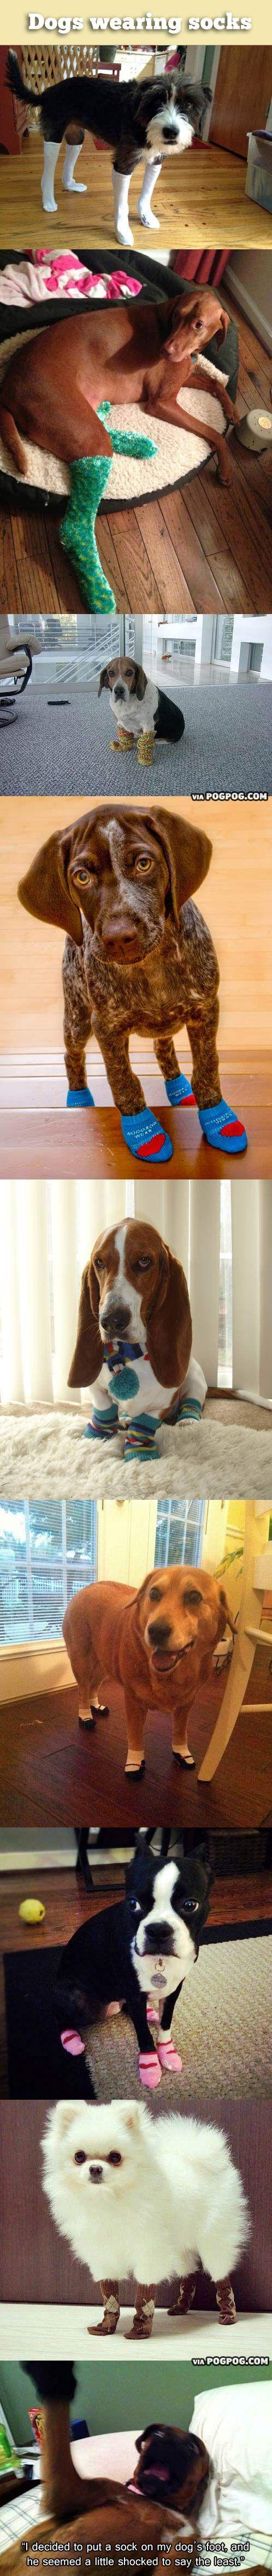 Dogs in socks! :)